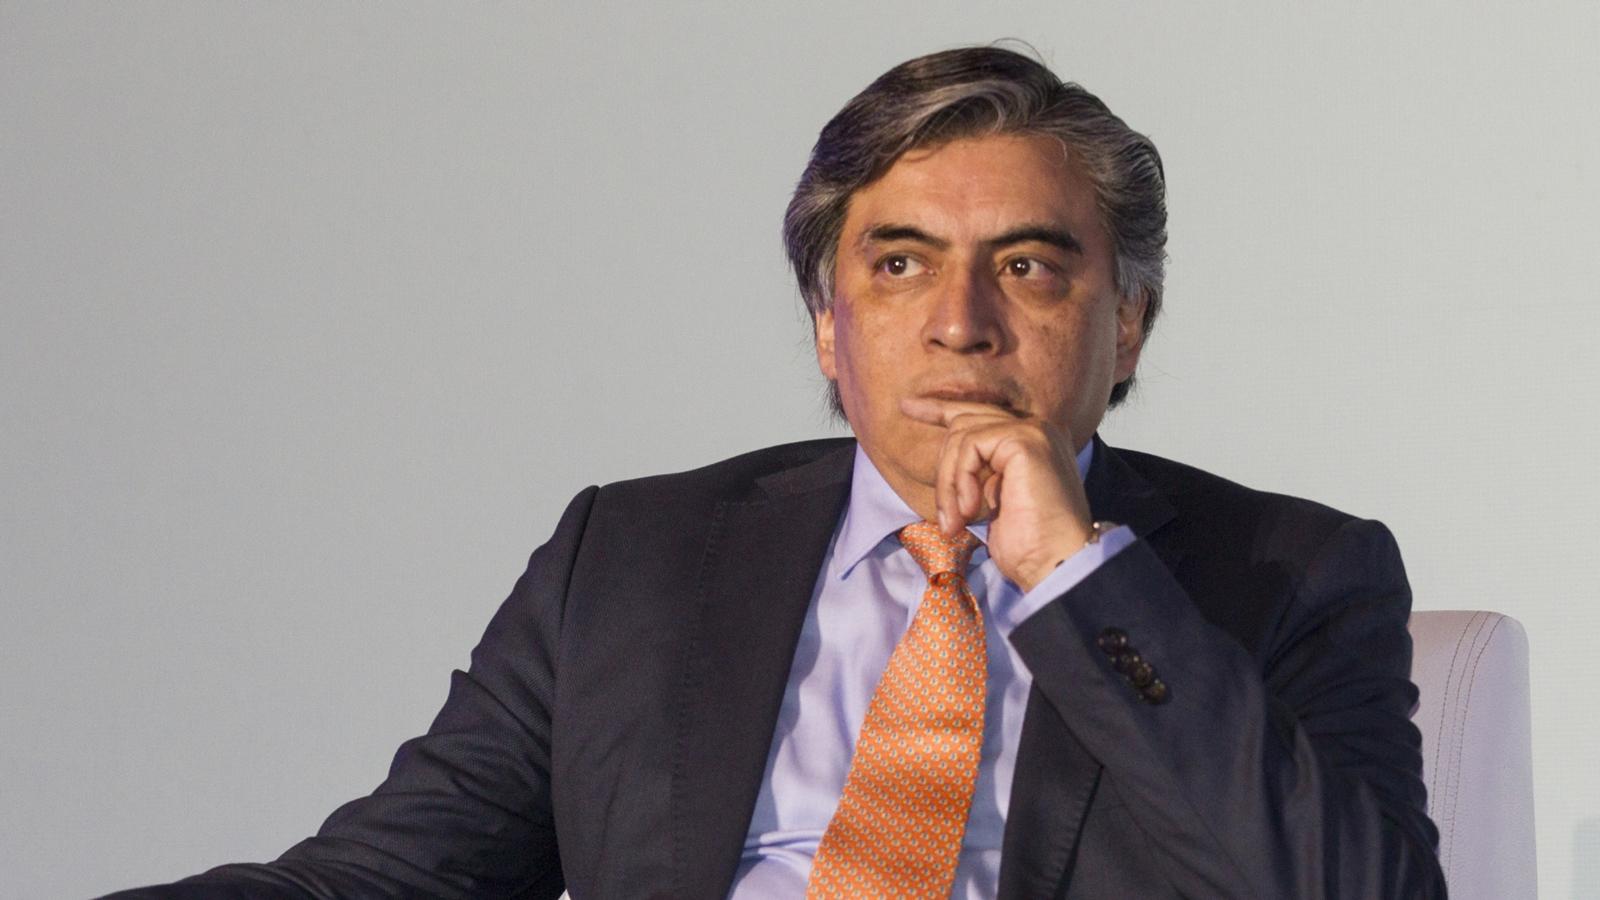 Gobierno electo contribuyó a volatilidad: propuesto para Banxico